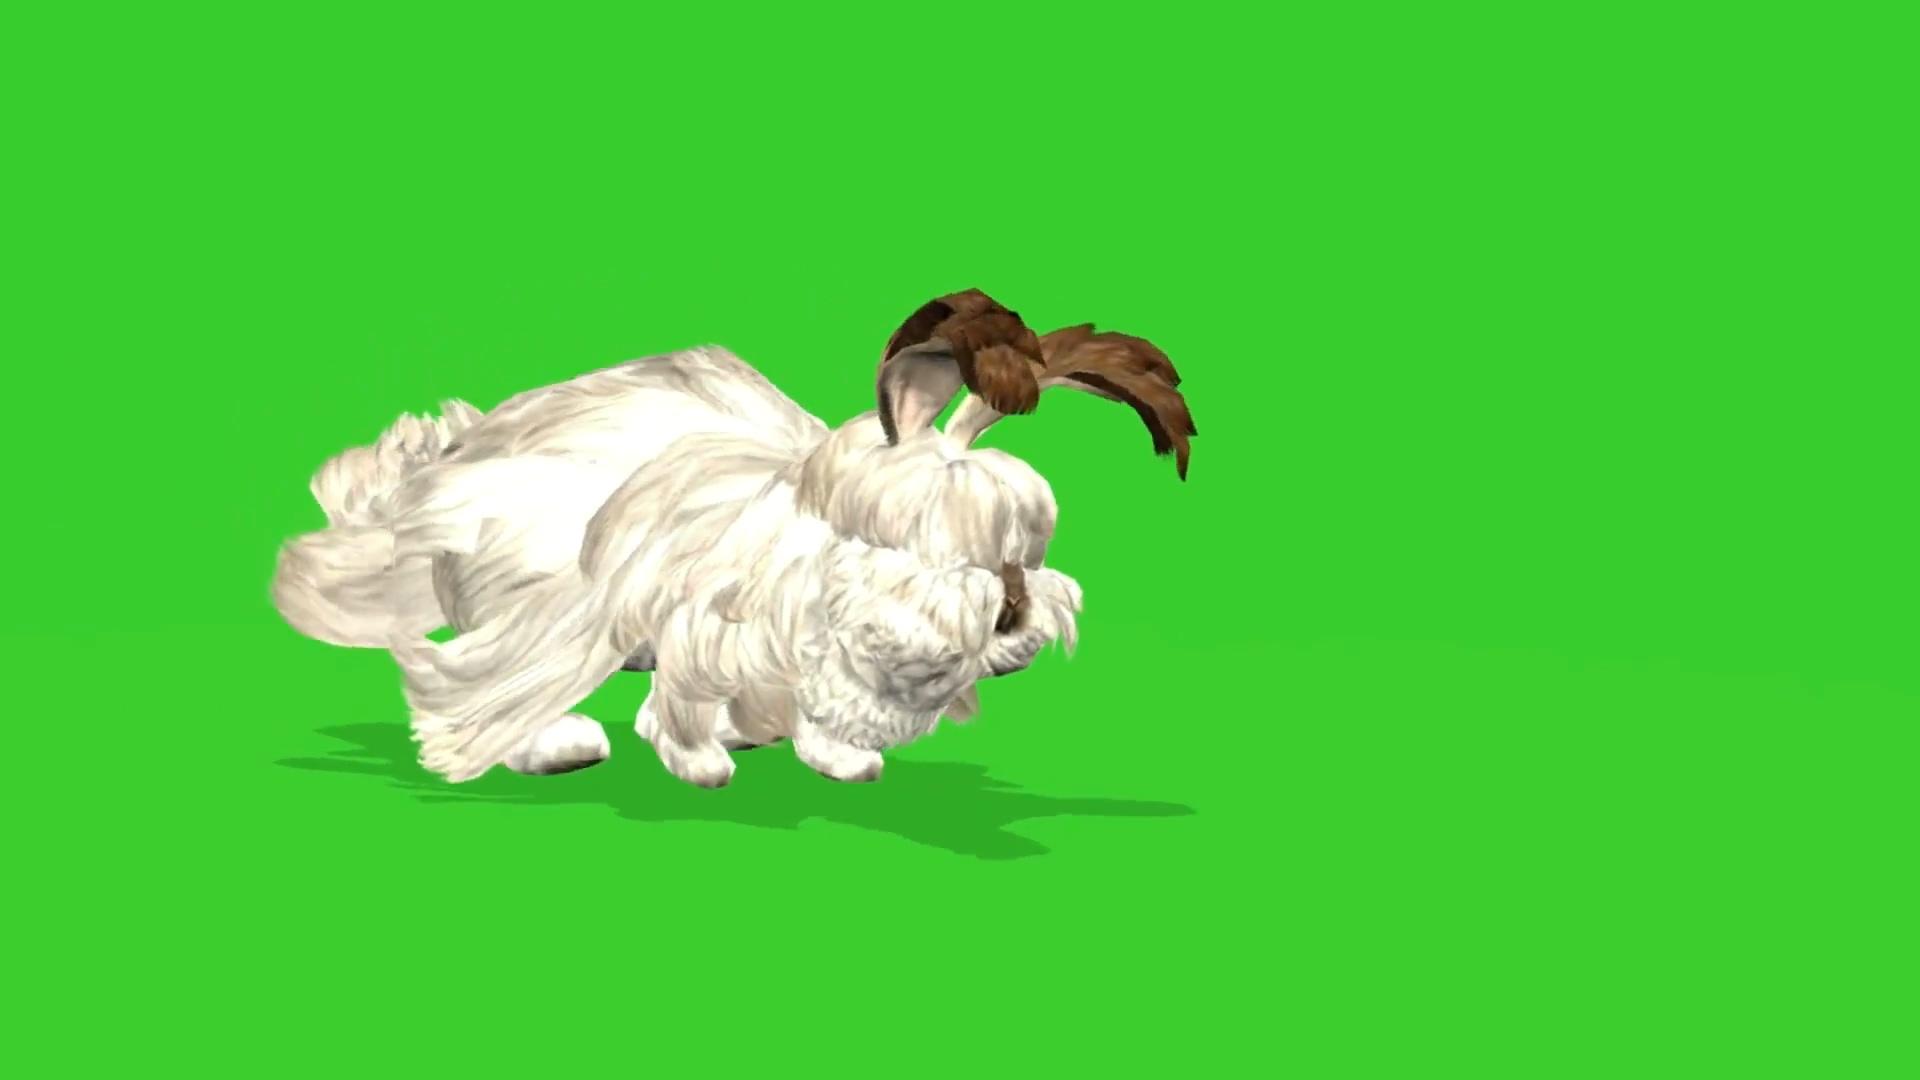 绿屏抠像卡通白色兔子